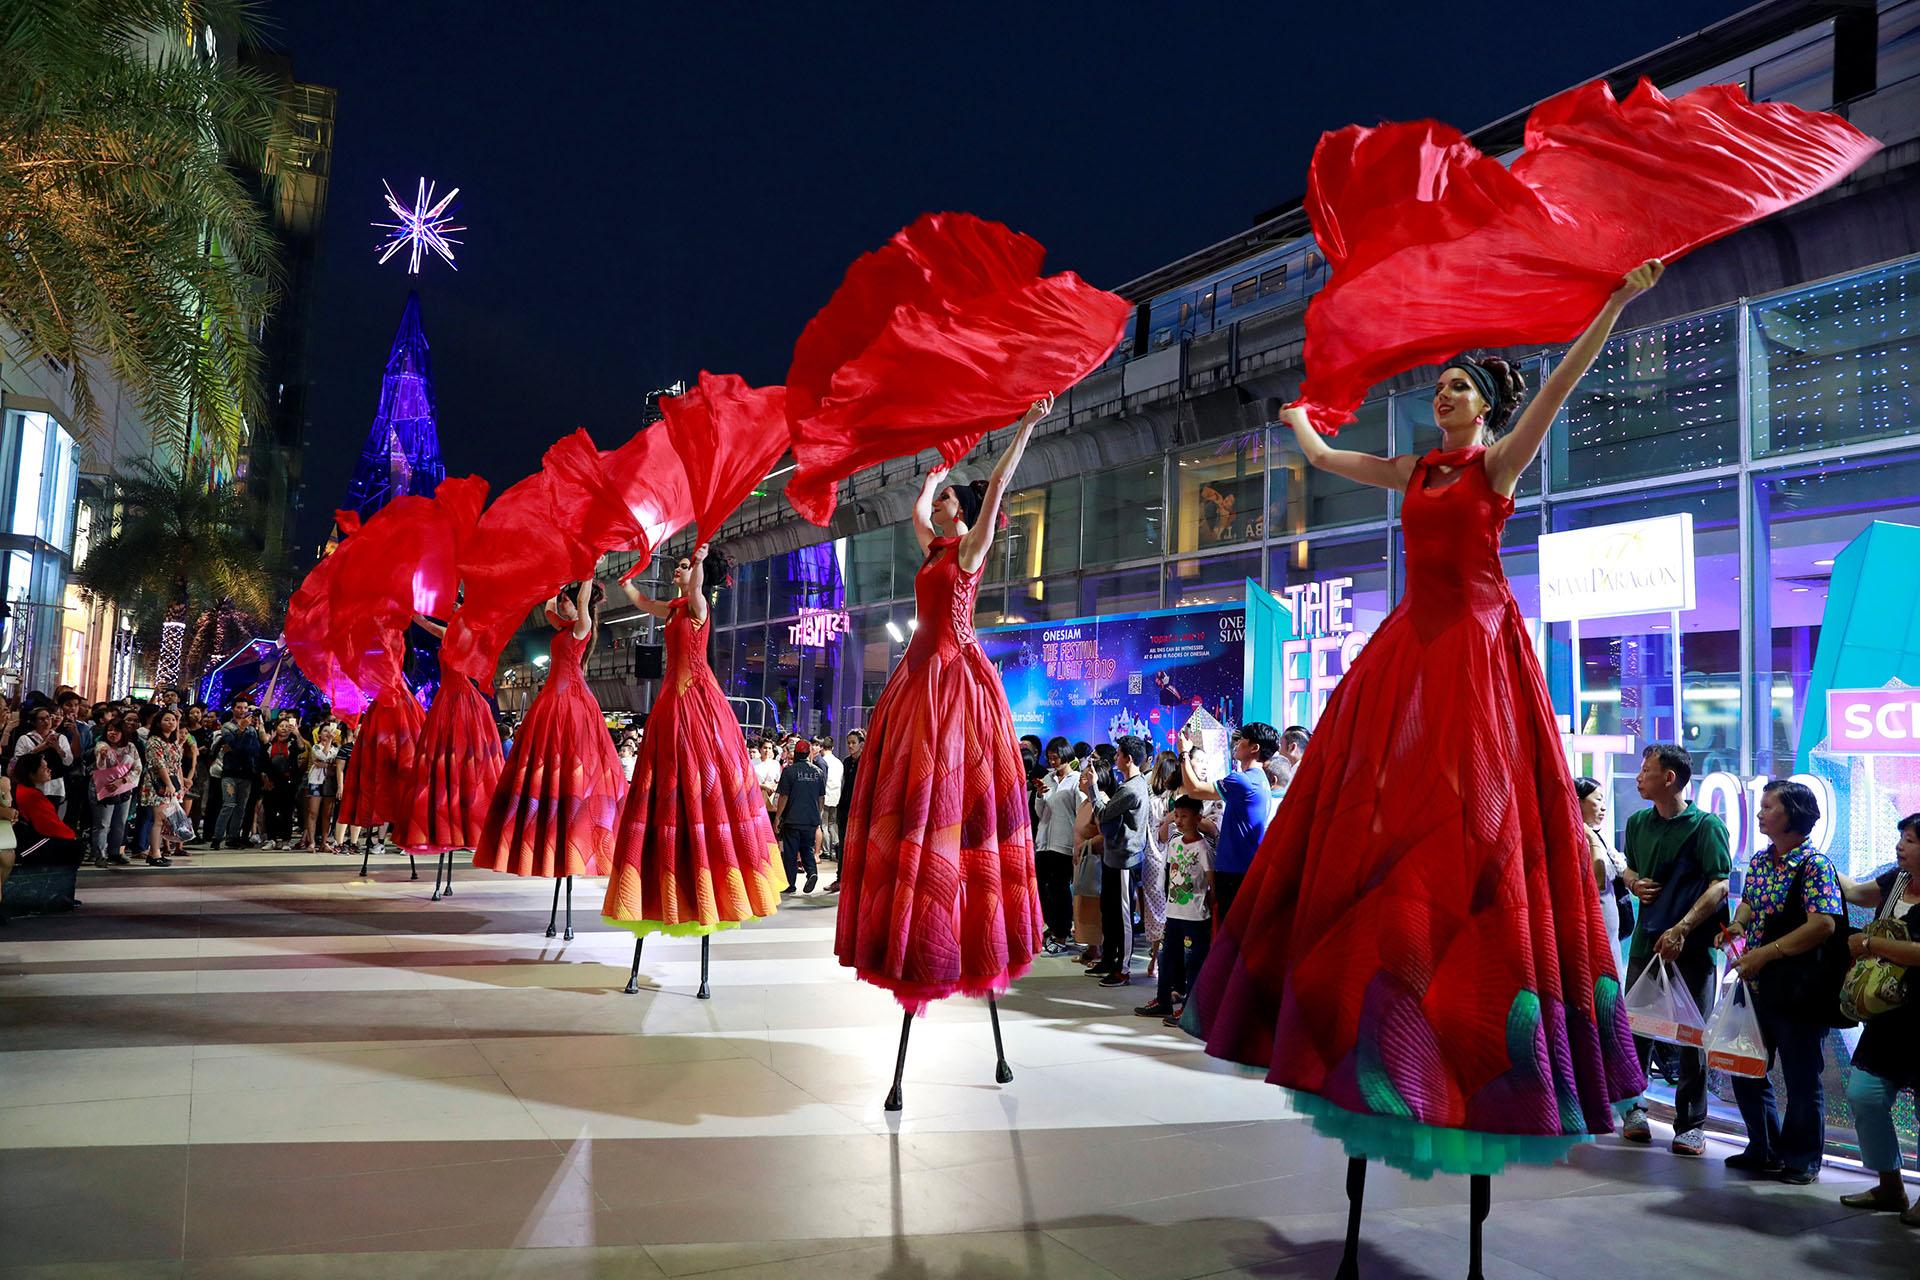 Artistas se presentan en un centro comercial durante el festival de Año Nuevo en Bangkok, Tailandia